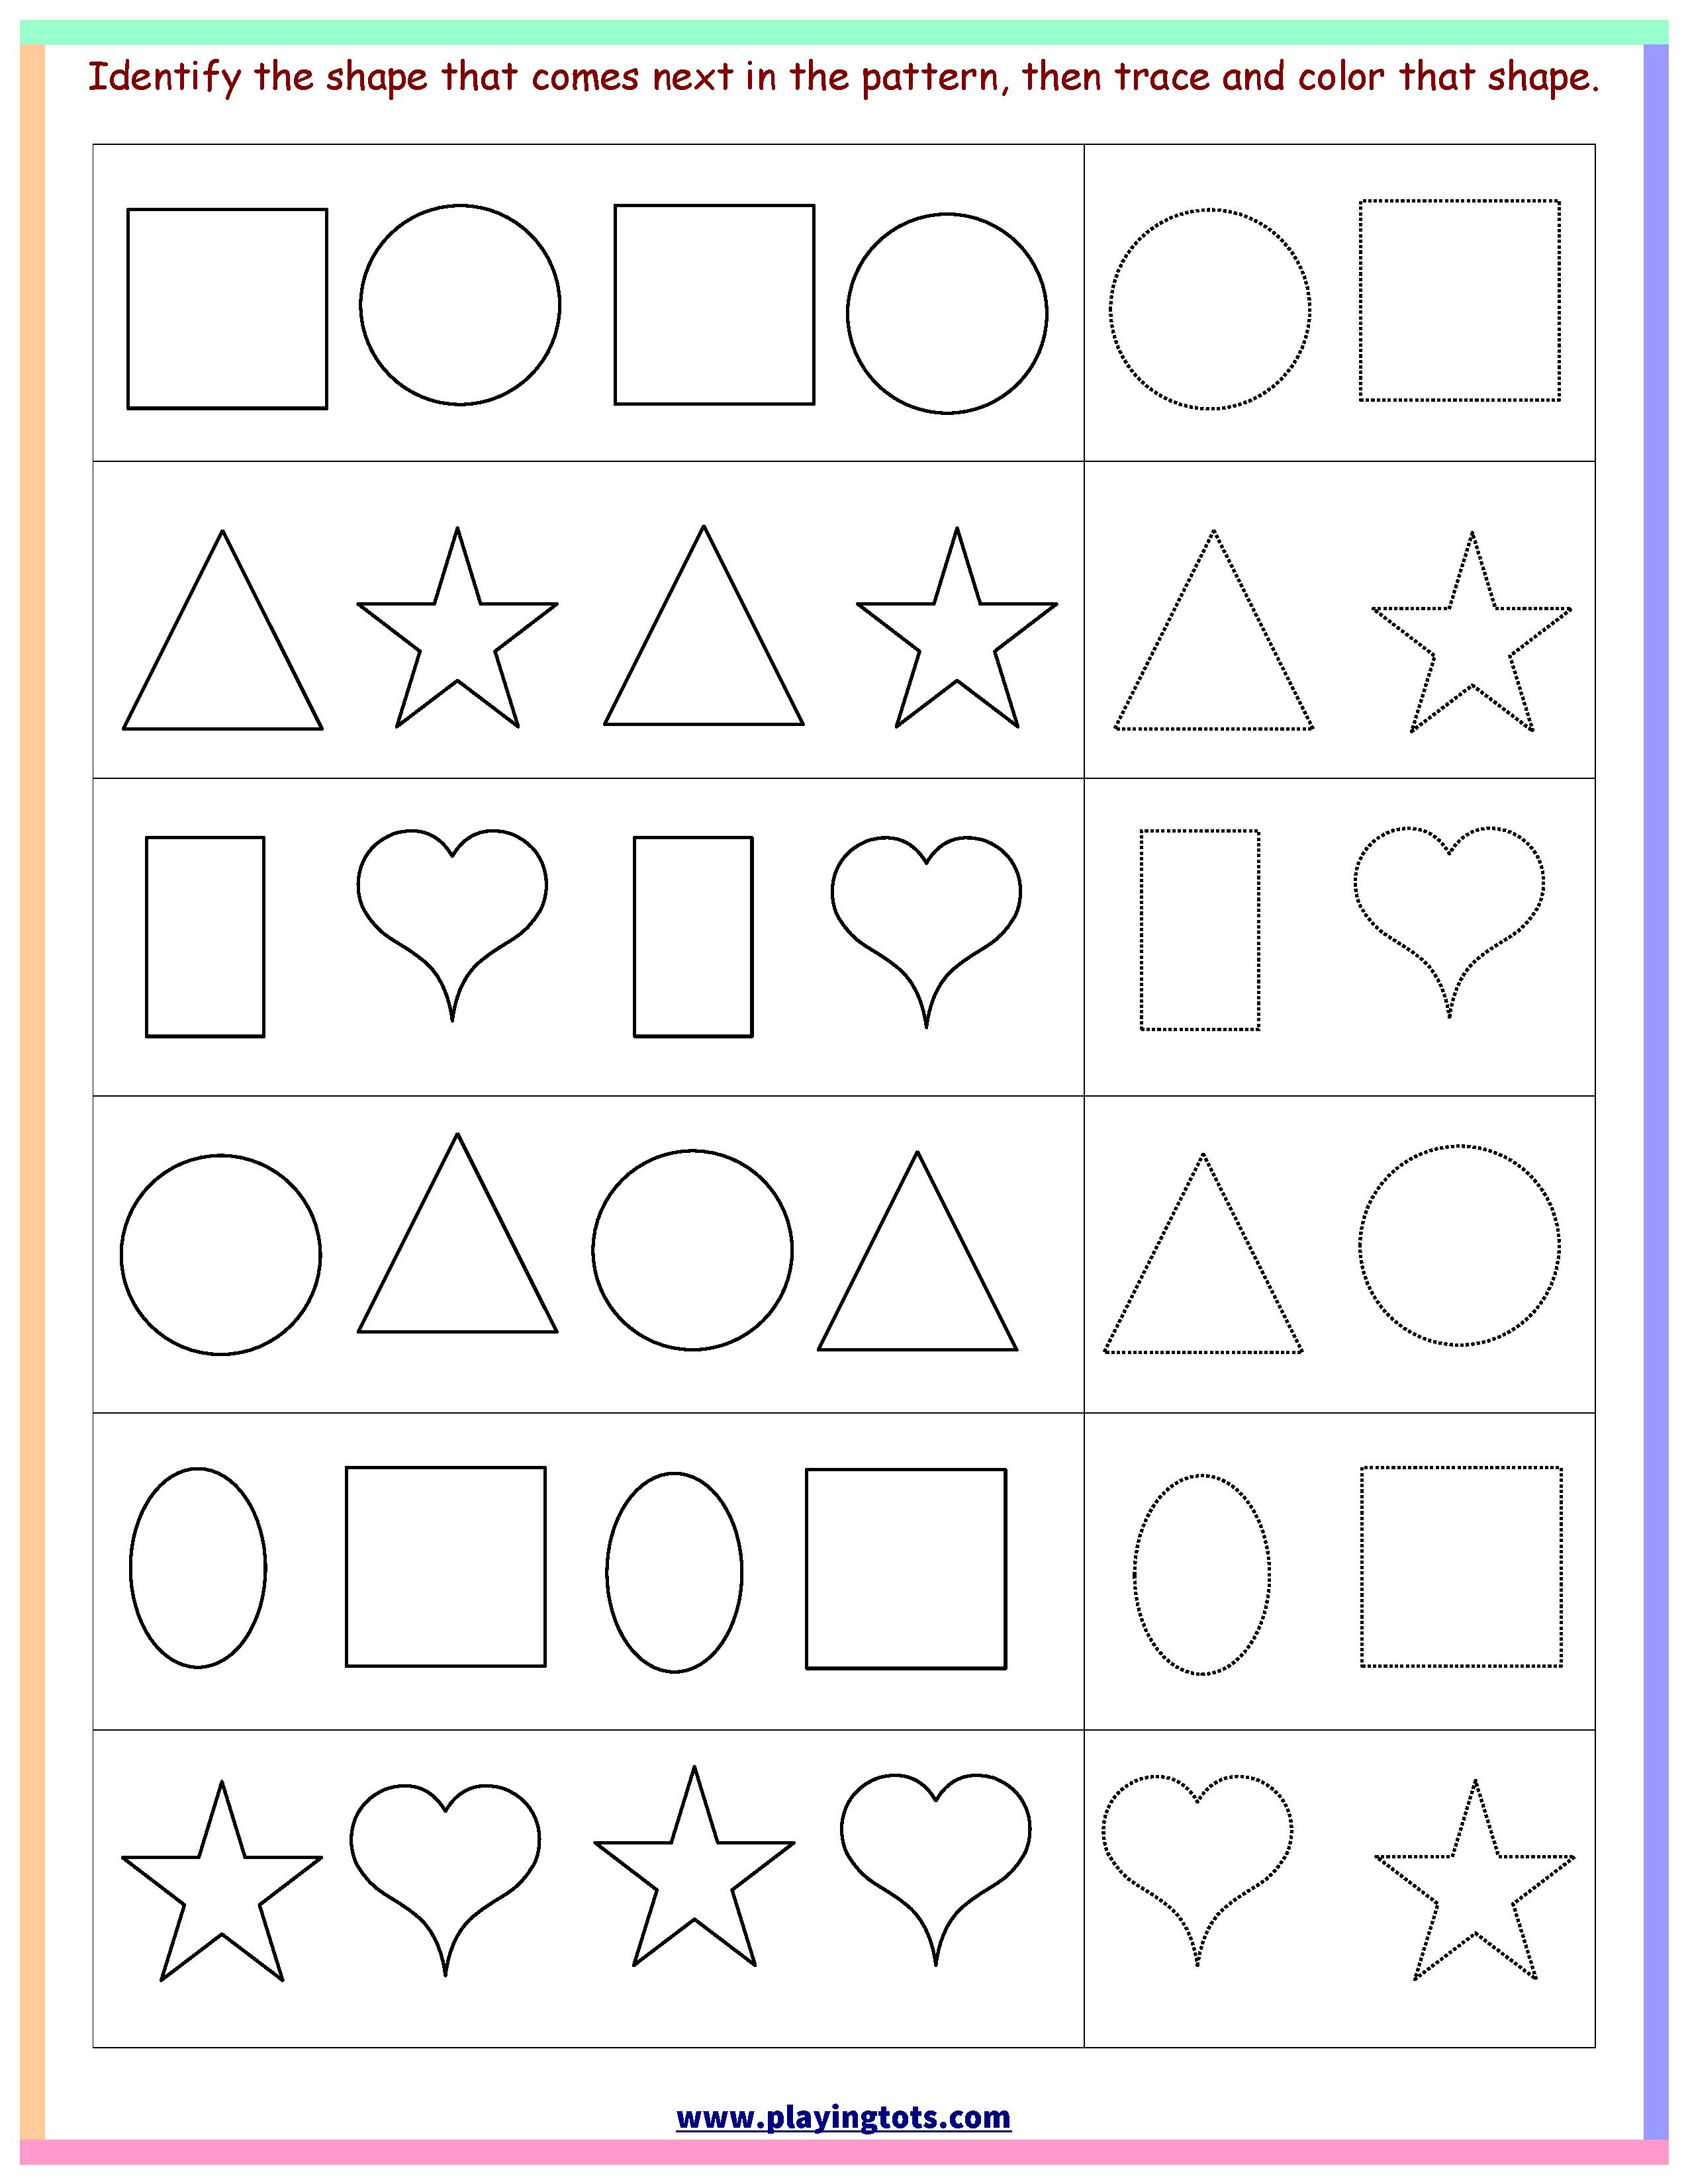 Worksheet,shapes,trace,color,pattern,free,printable,kids,toddler - Free Printable Toddler Learning Worksheets